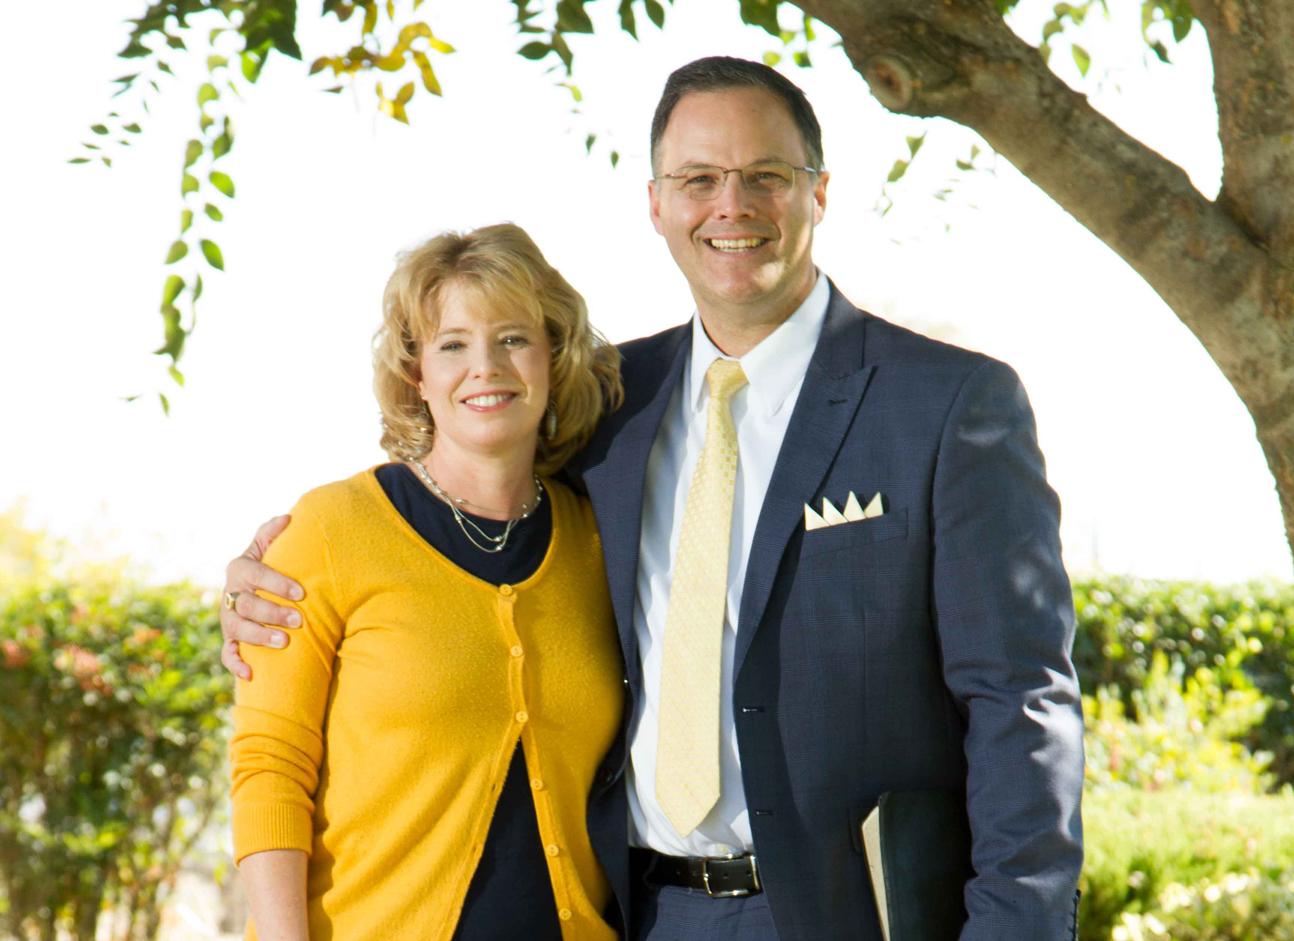 Kerry & Debbie Brown